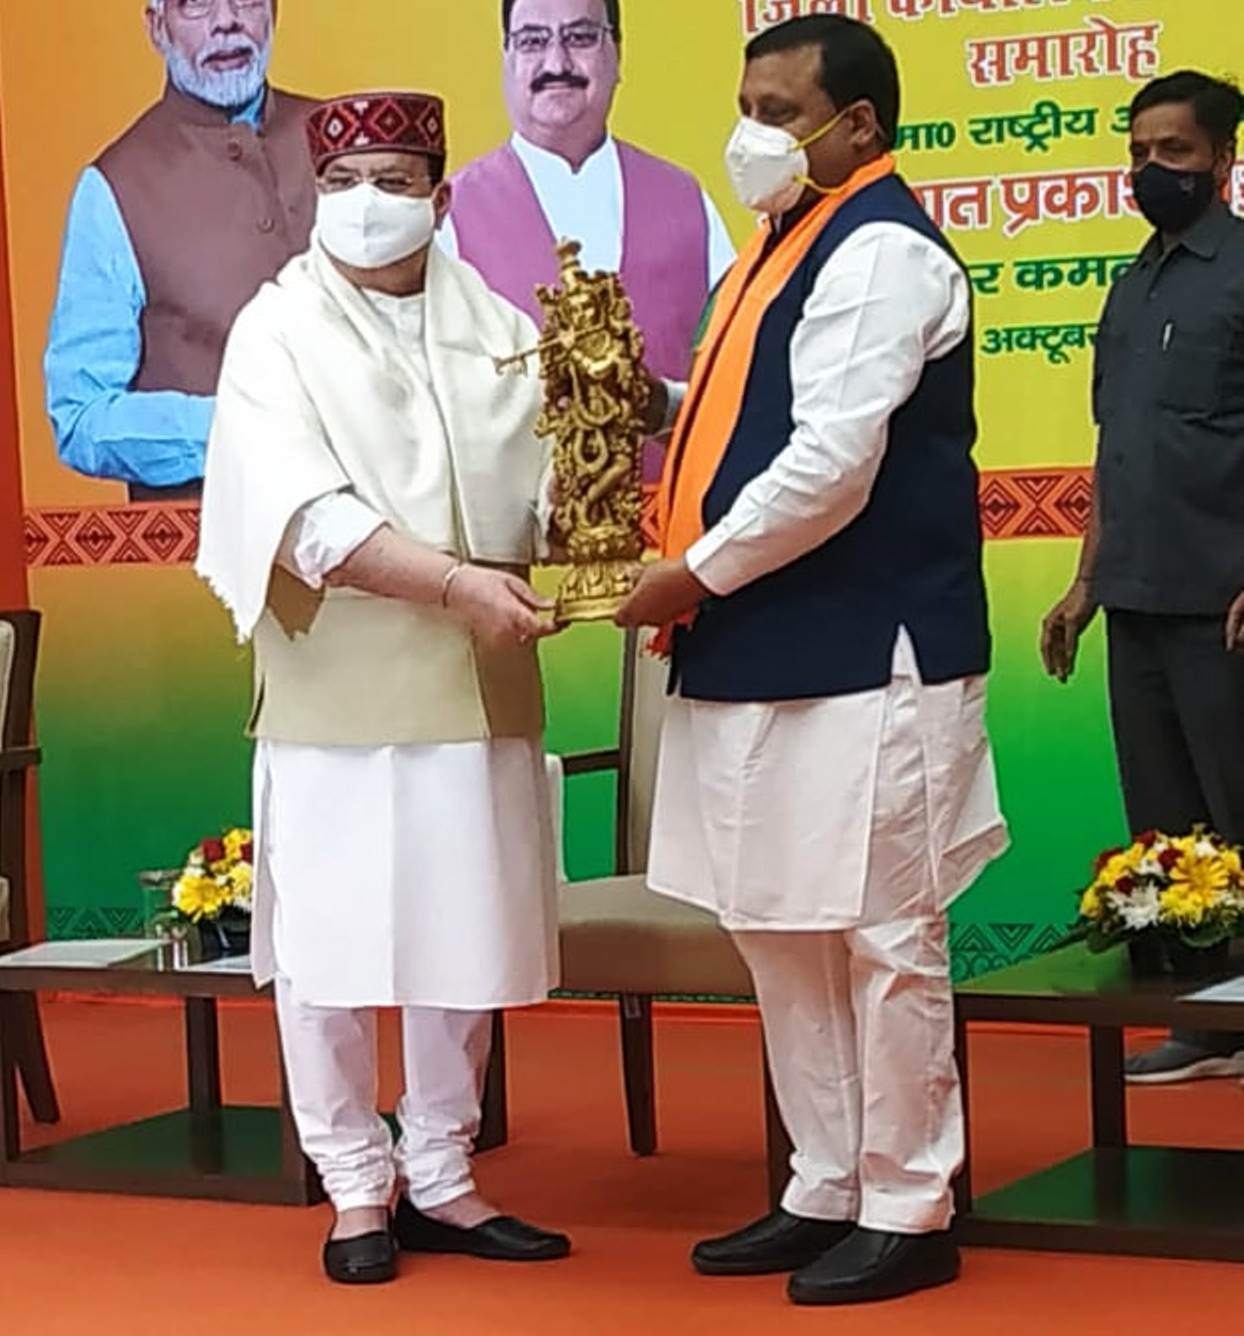 वीरेंद्र कंवर ने हरोली में बल्क ड्रग पार्क की स्थापना के लिए नड्डा से मांगा सहयोग